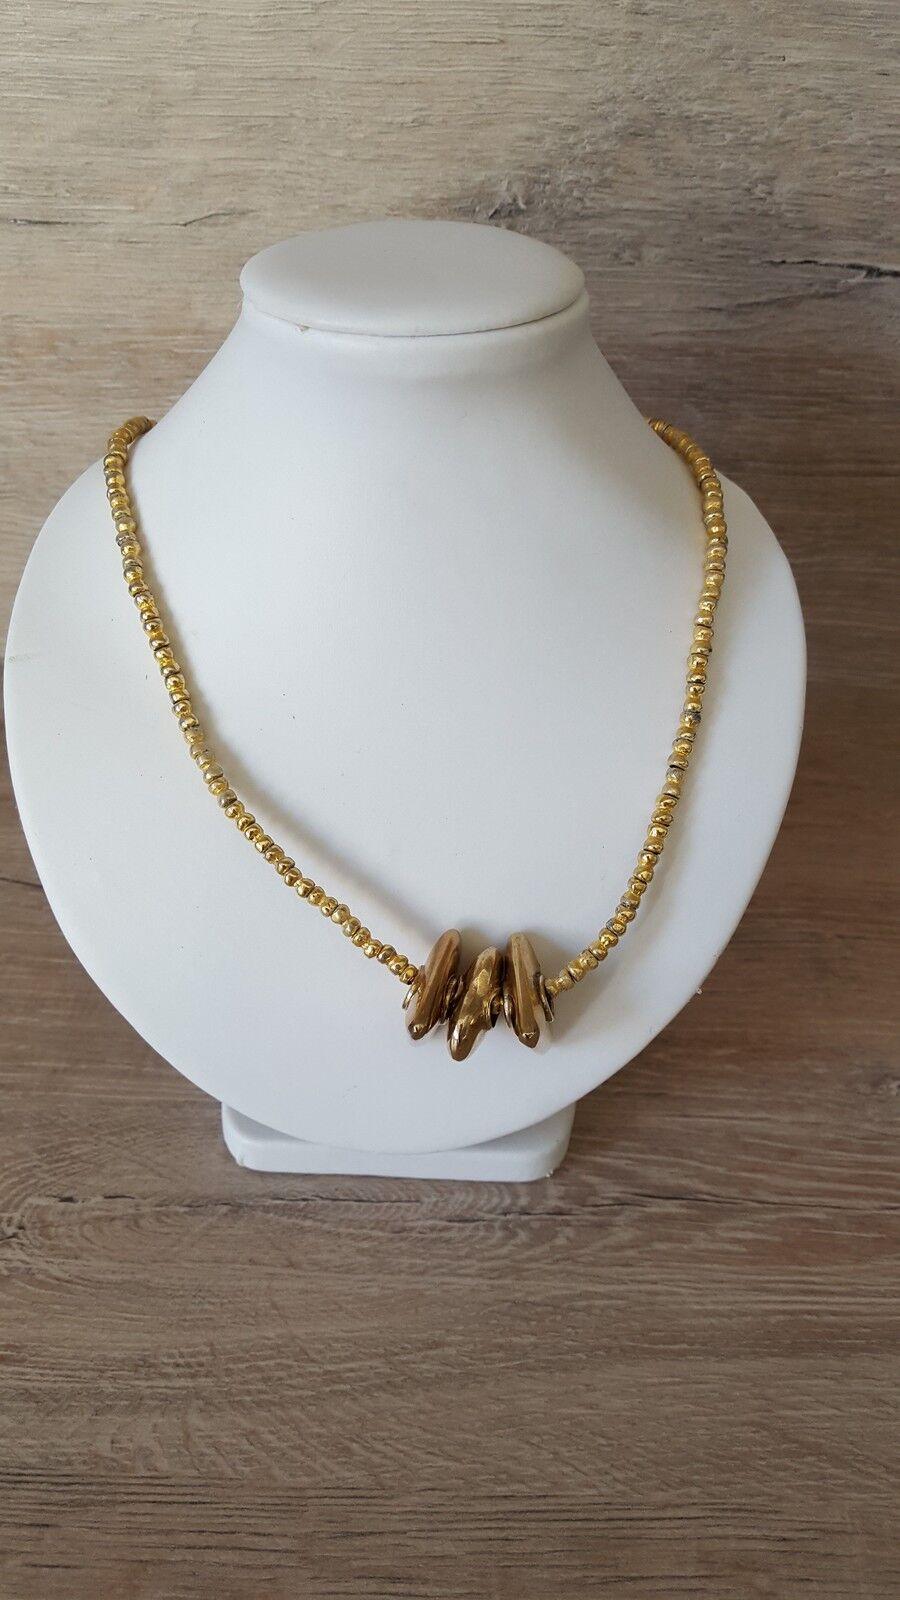 Halskette tolle Form auffällige Anhänger vergoldet edel 925 silver 36,05g CP2110